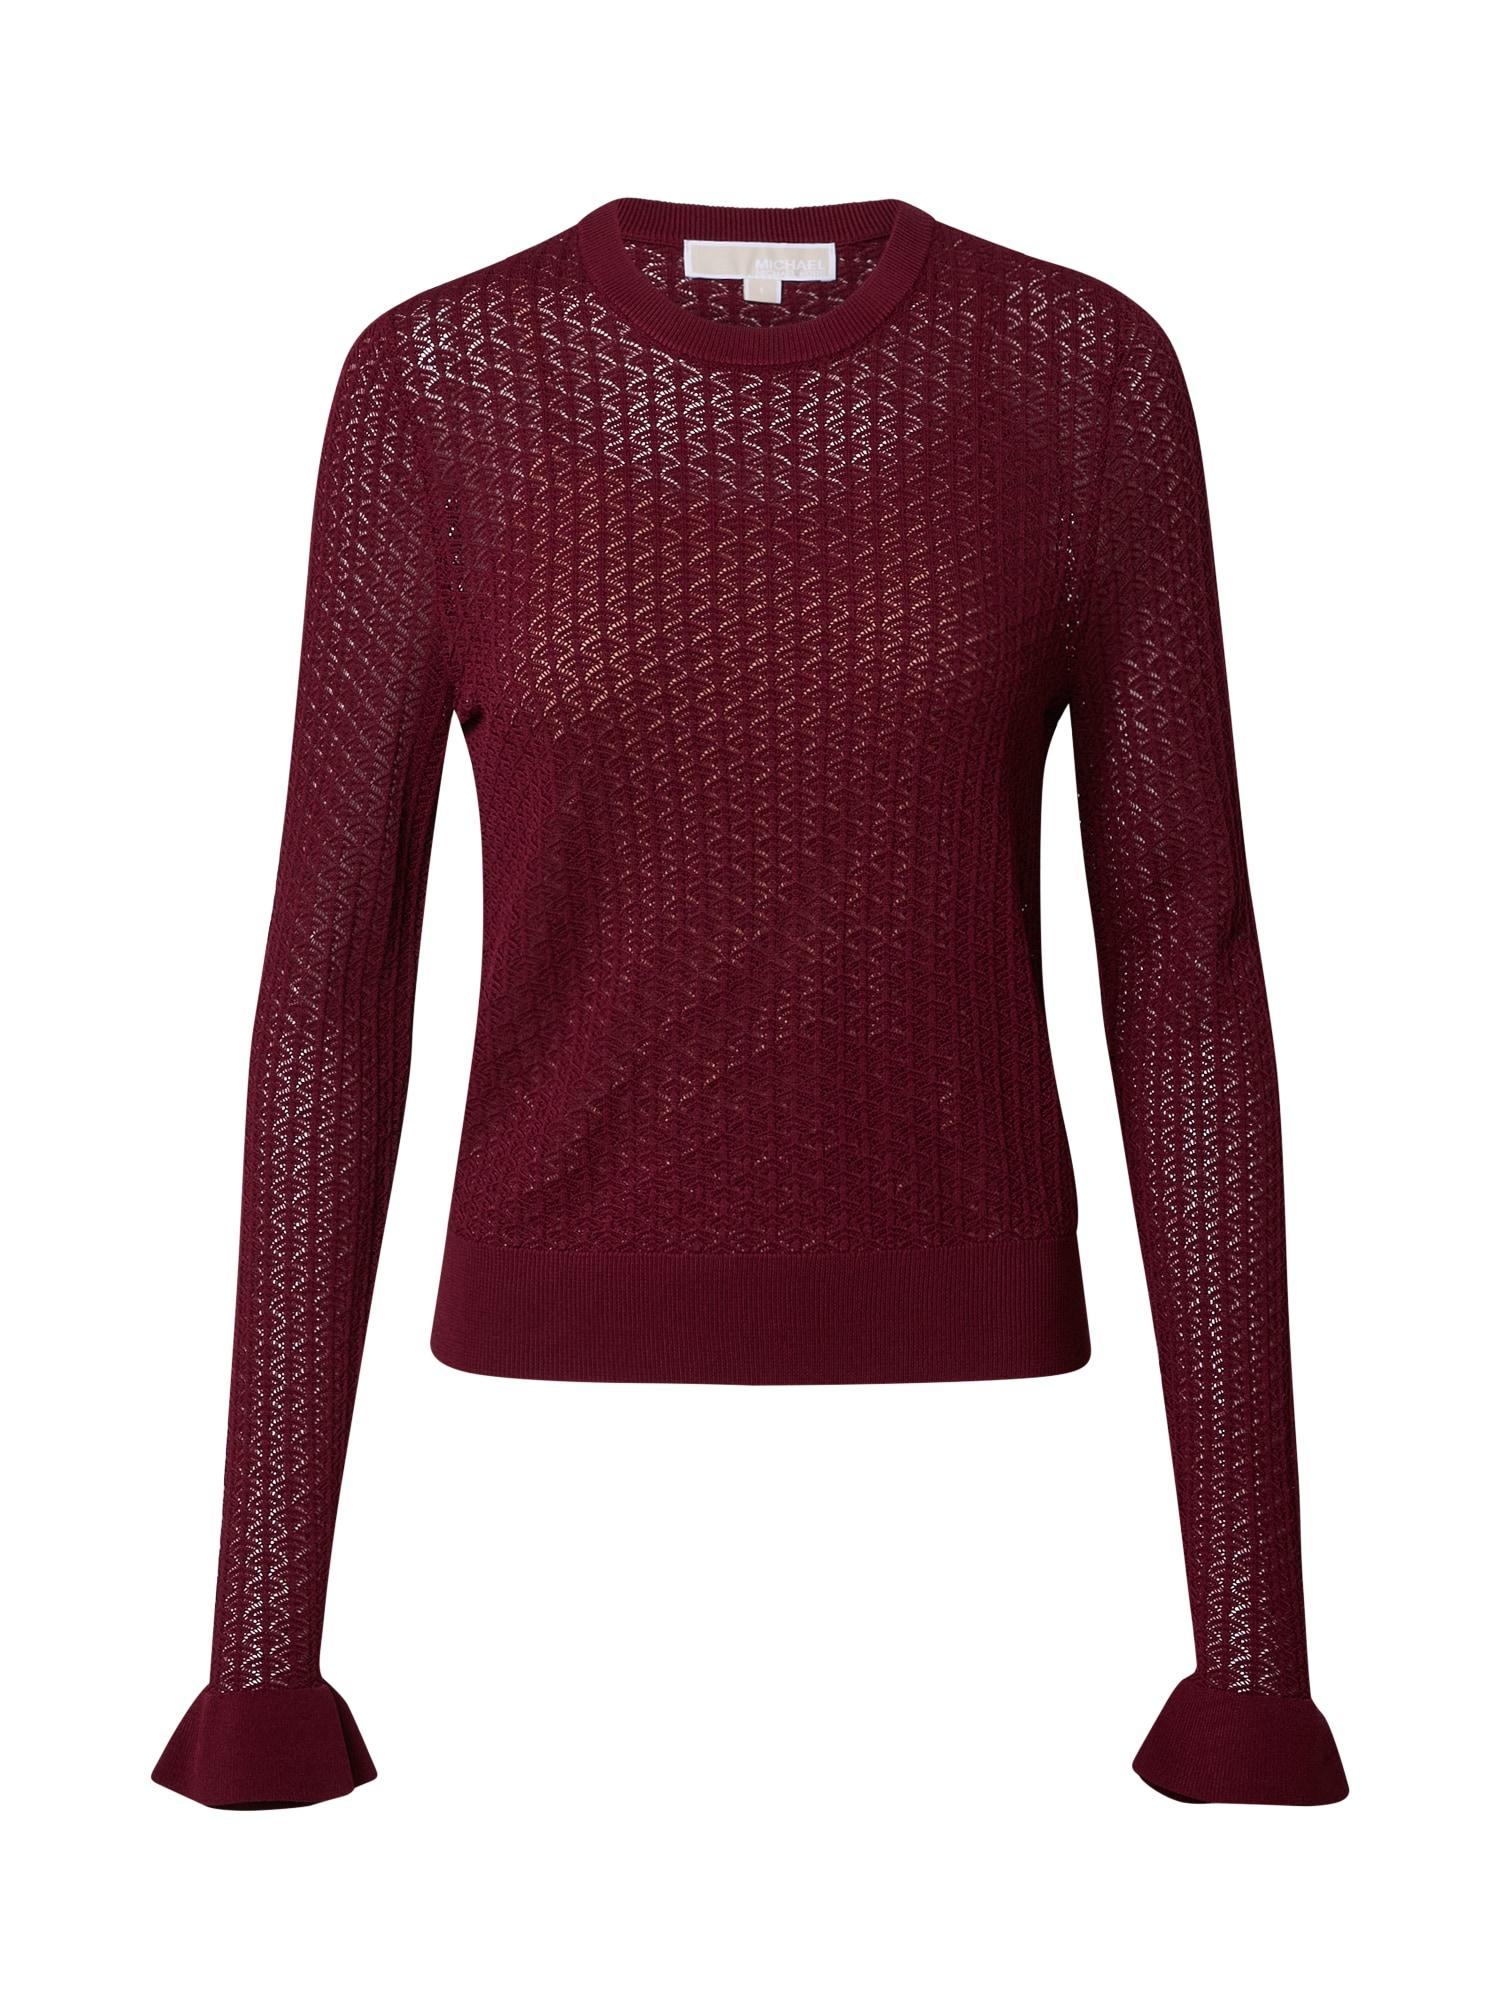 MICHAEL Michael Kors Marškinėliai vyno raudona spalva